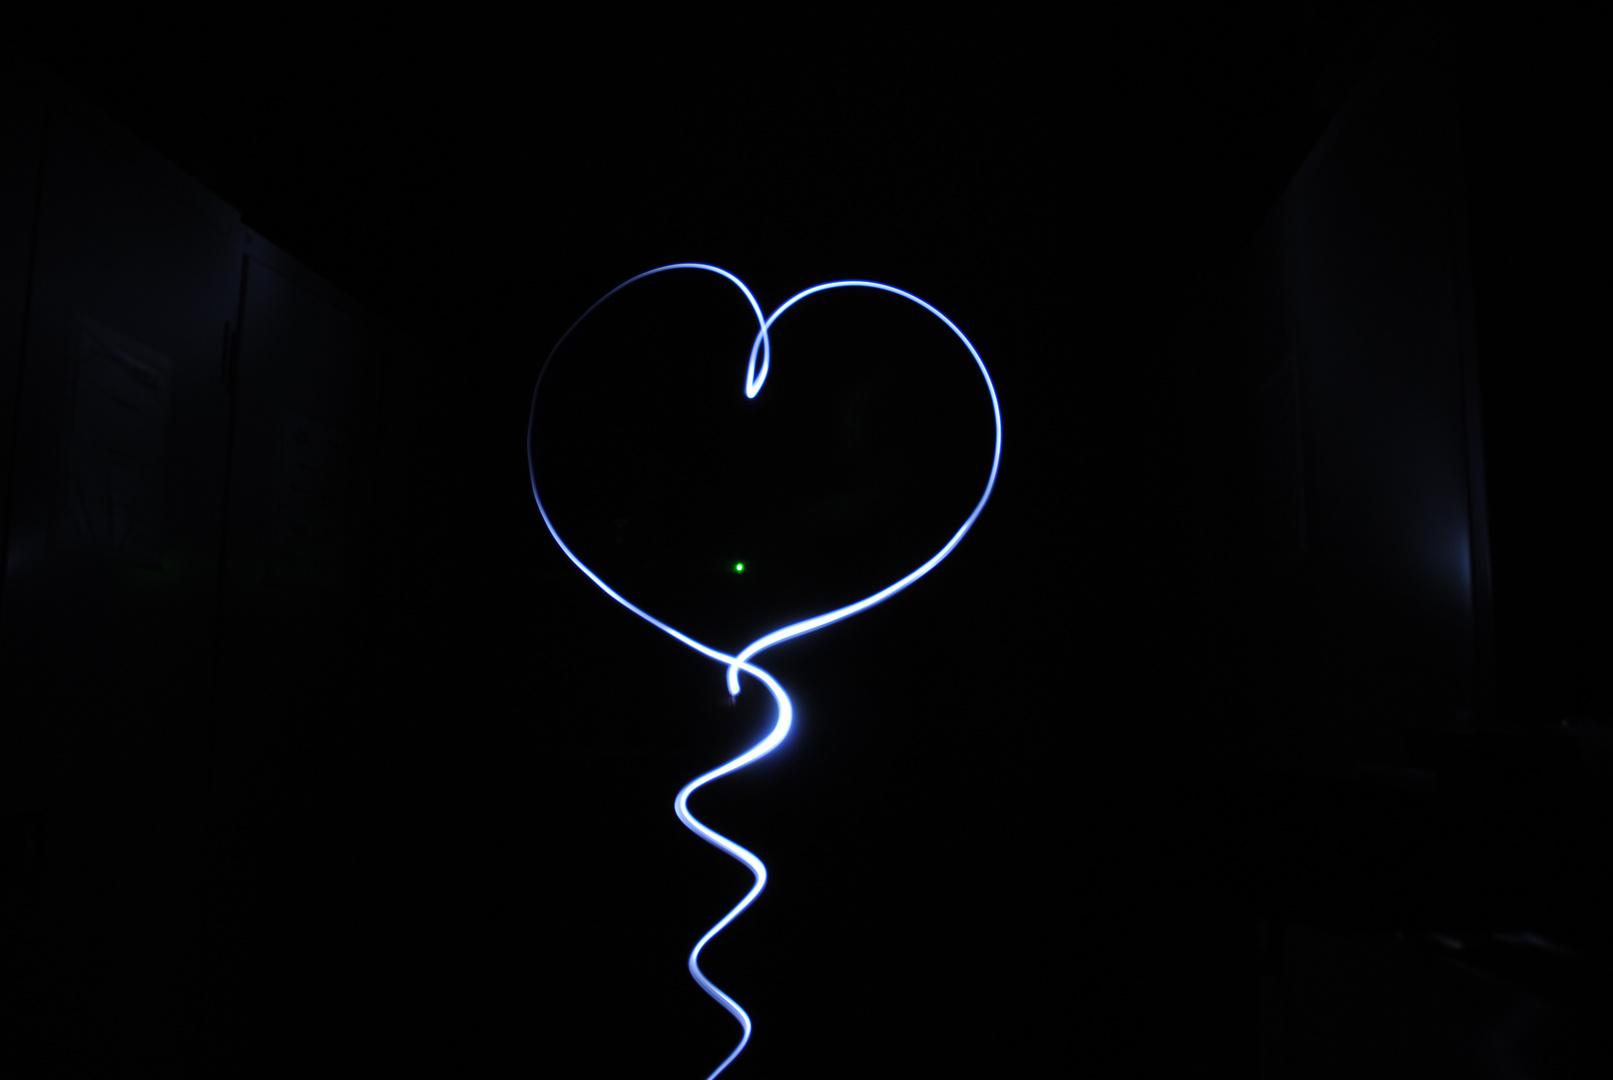 Mein leuchtendes Herz